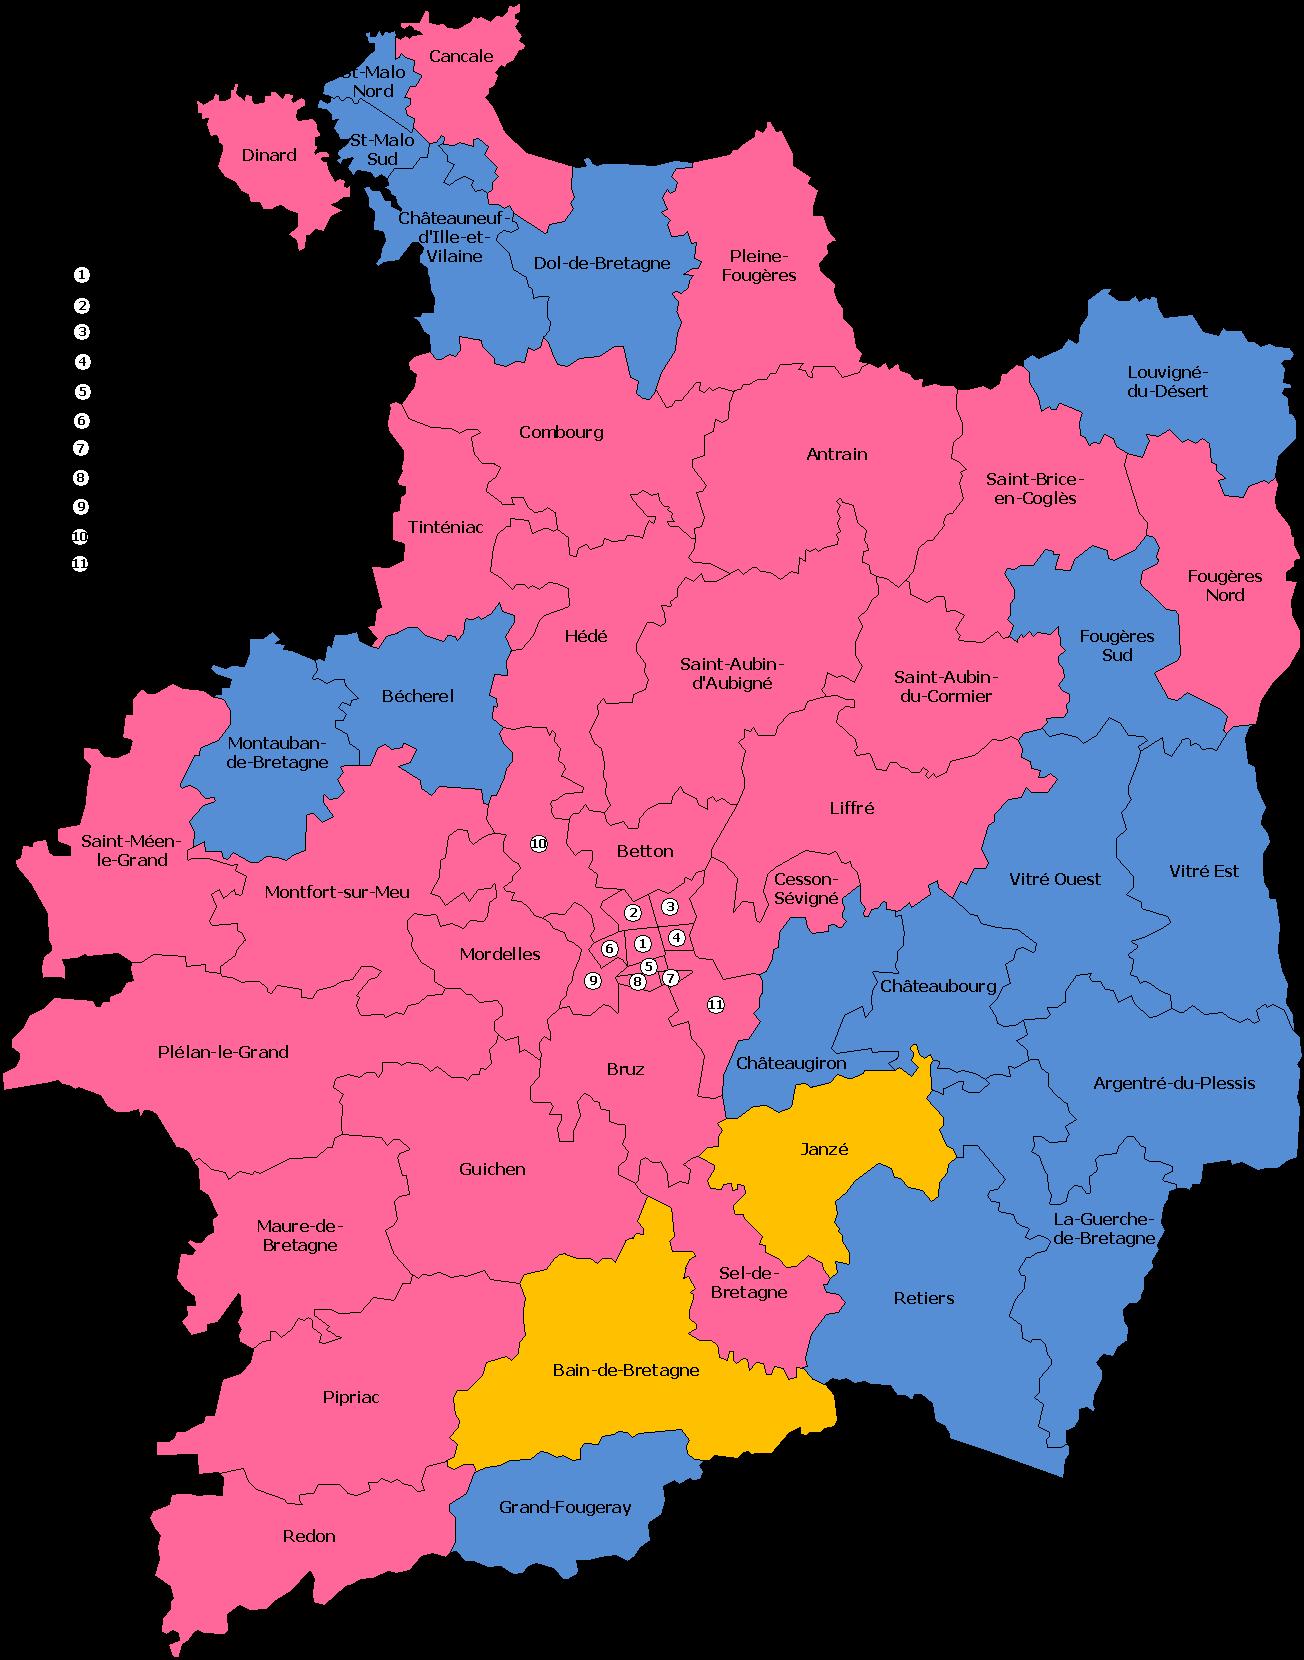 Carte des cantons 2011-2014